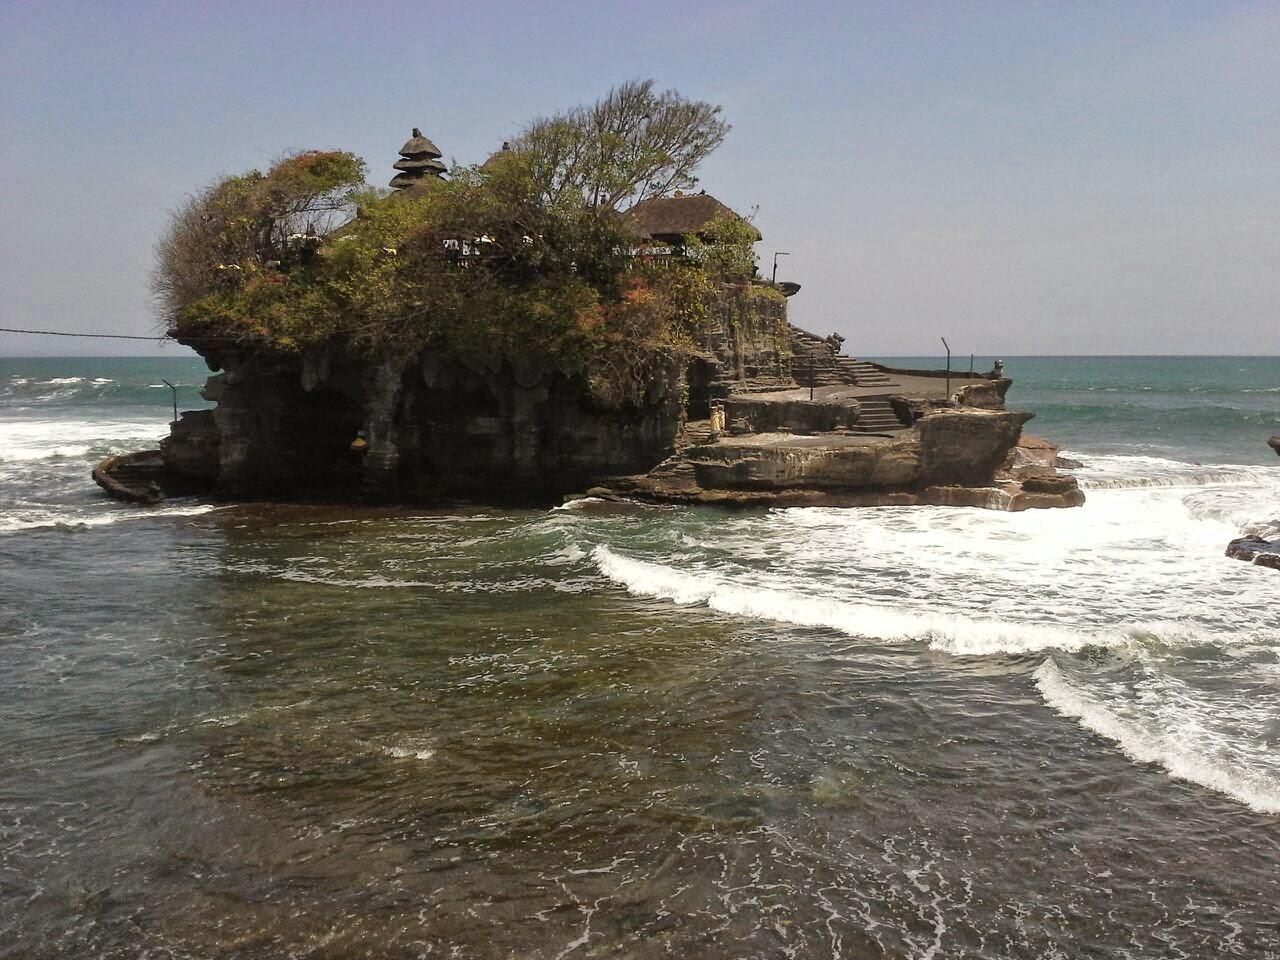 Tanah Lot, Bali, Indonesia, situado en medio del océano en un islote rocoso.